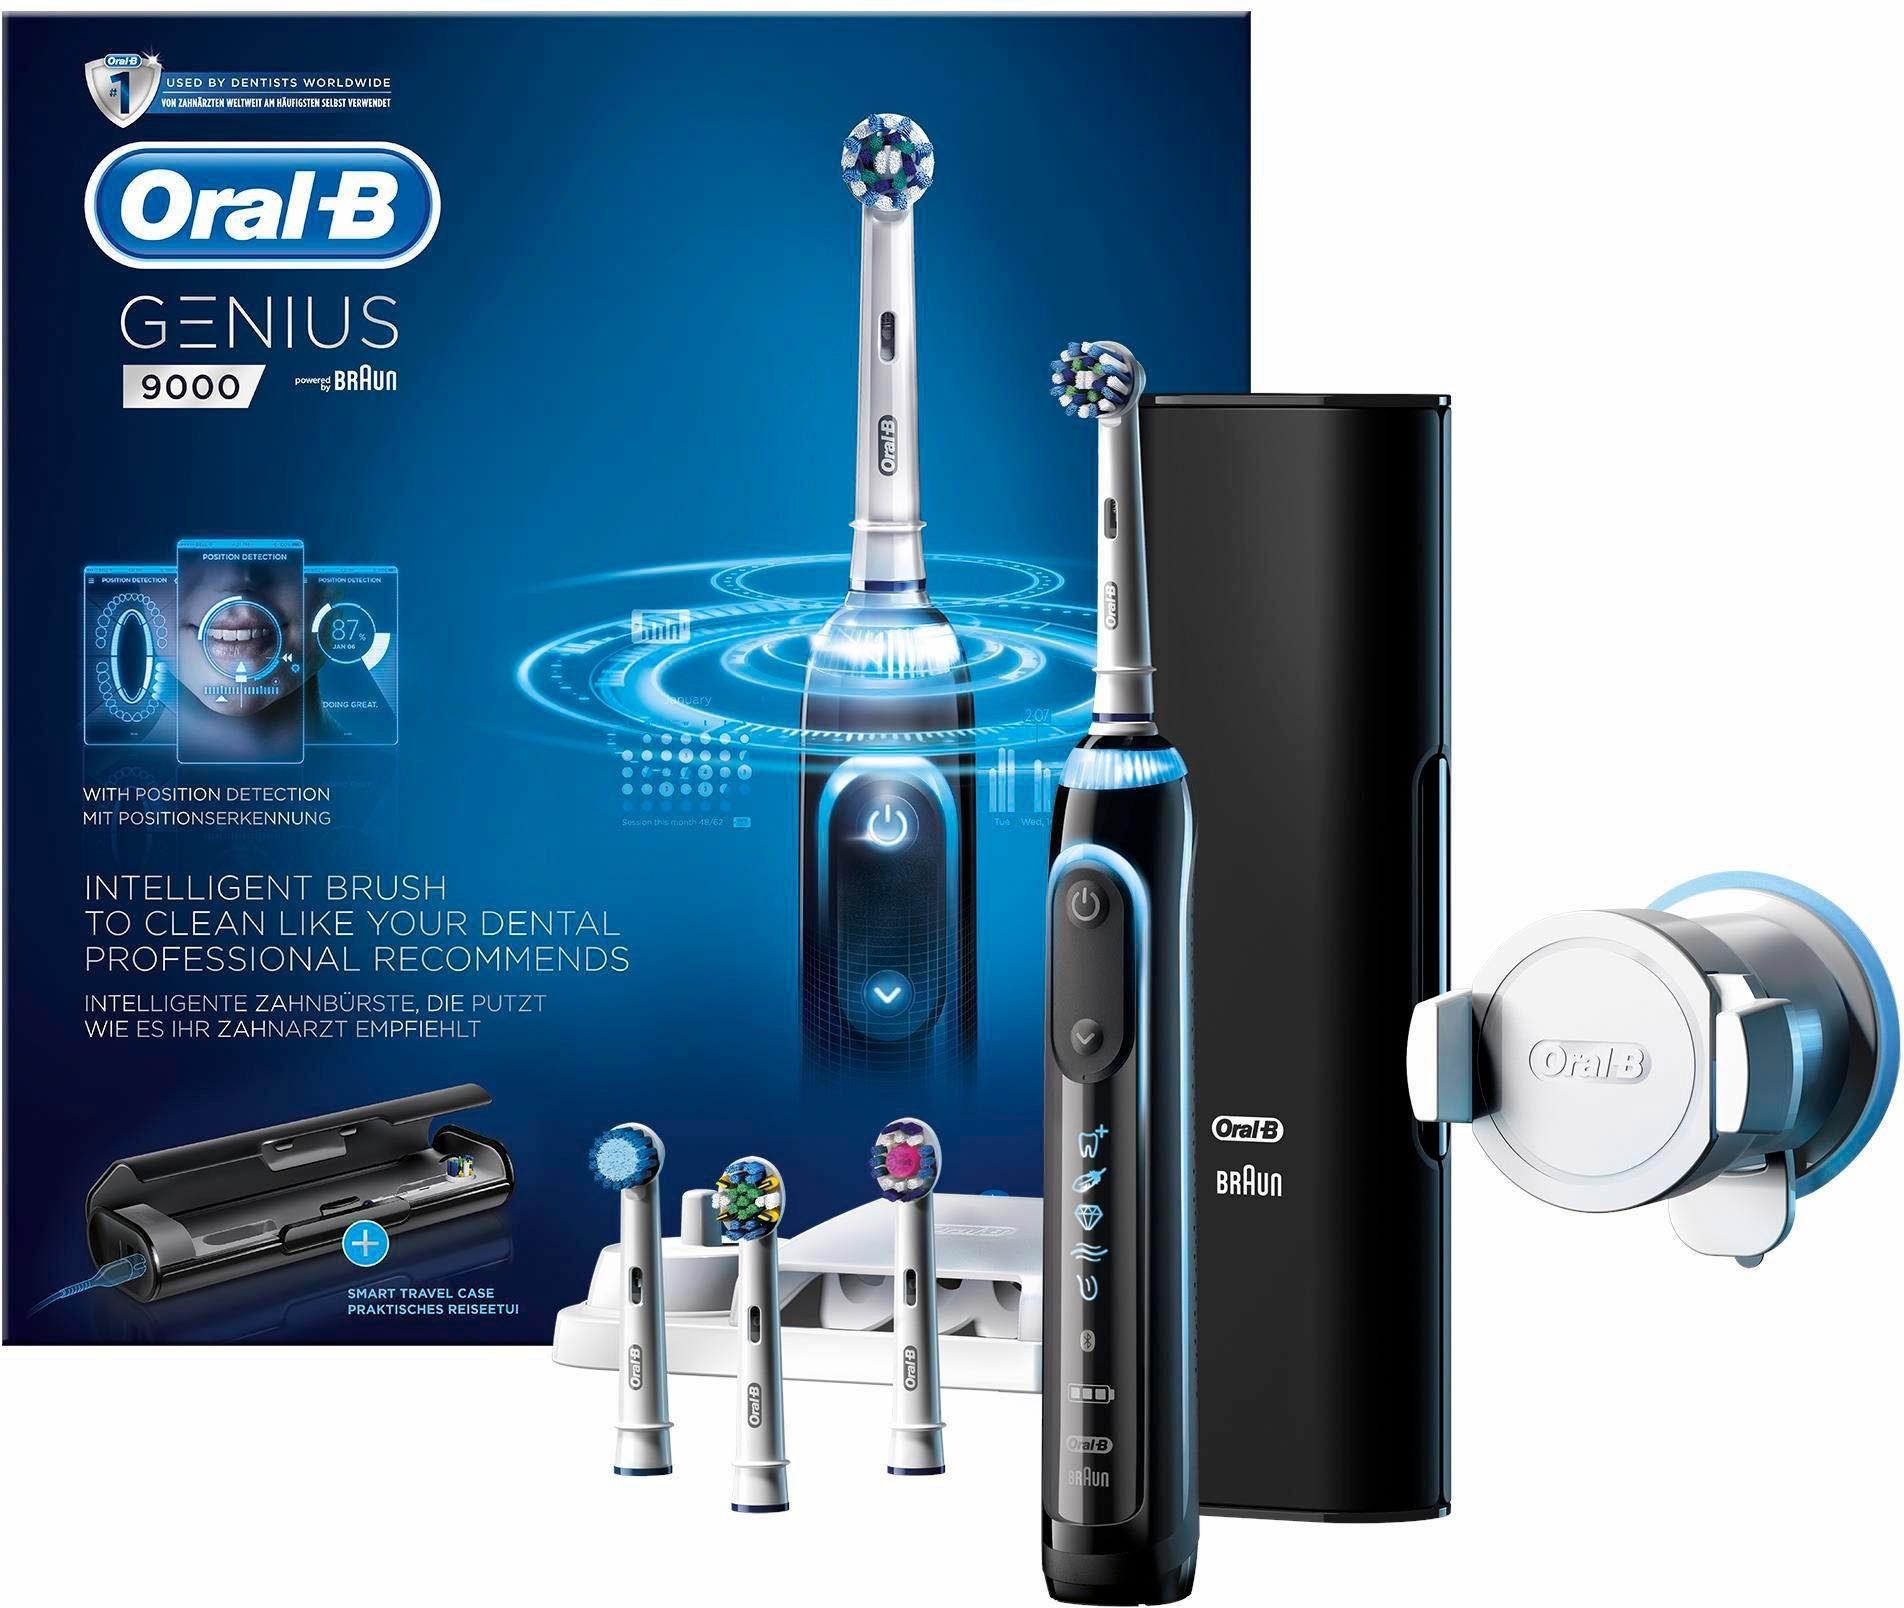 Oral-B Elektrische Zahnbürste Genius 9000 Black, Powered By Braun